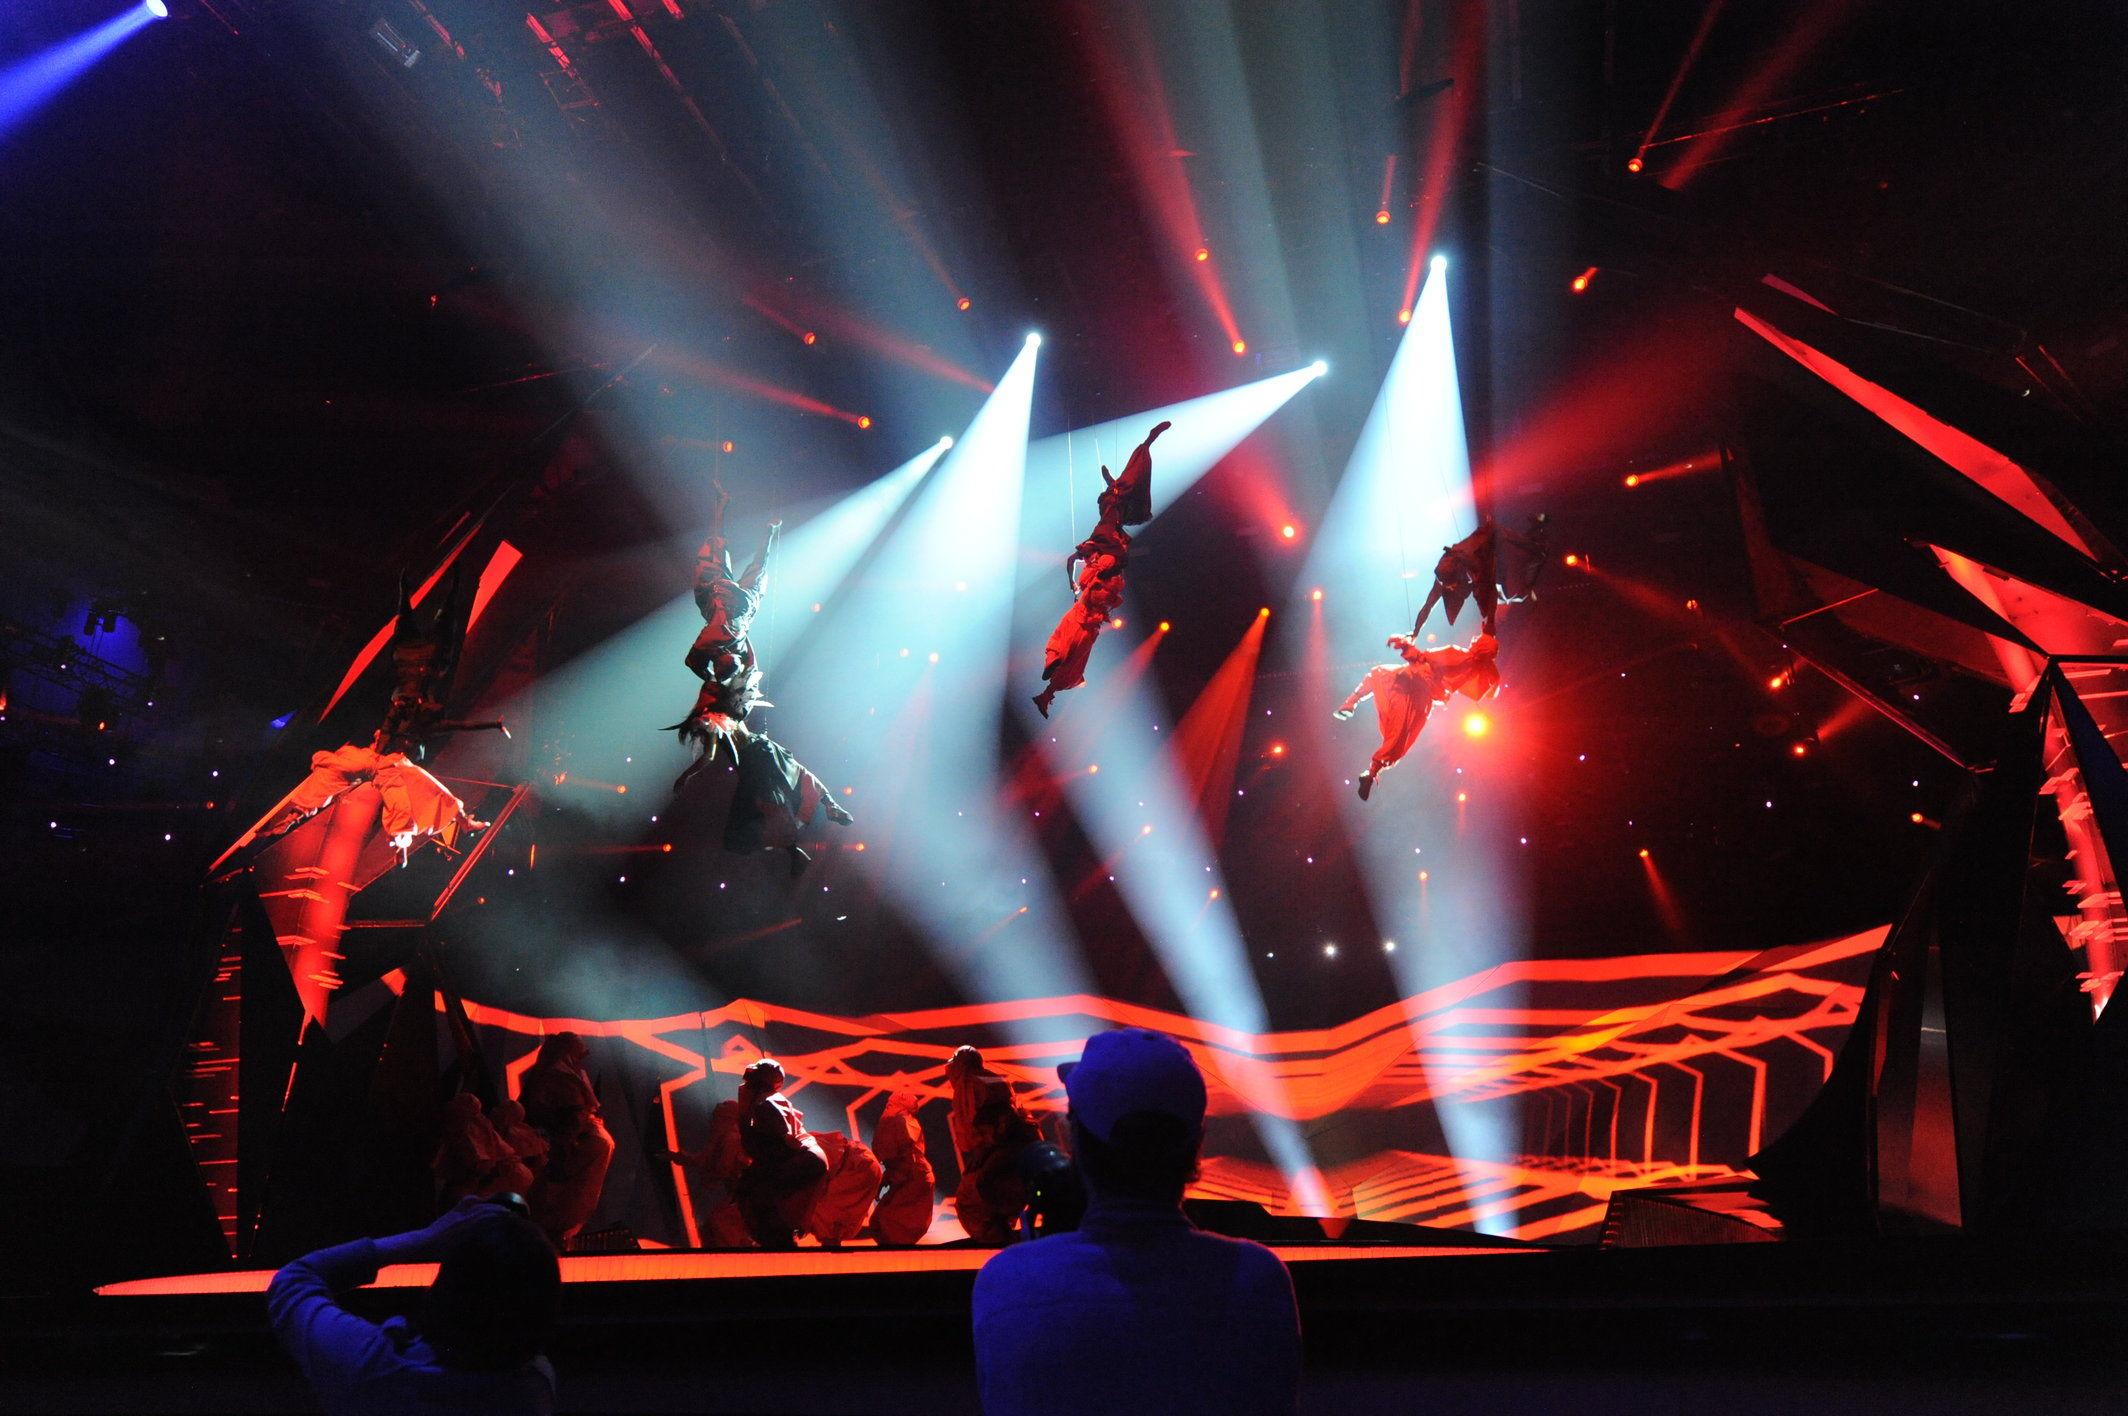 BlackTrax makes big show debut at Eurovision 2013